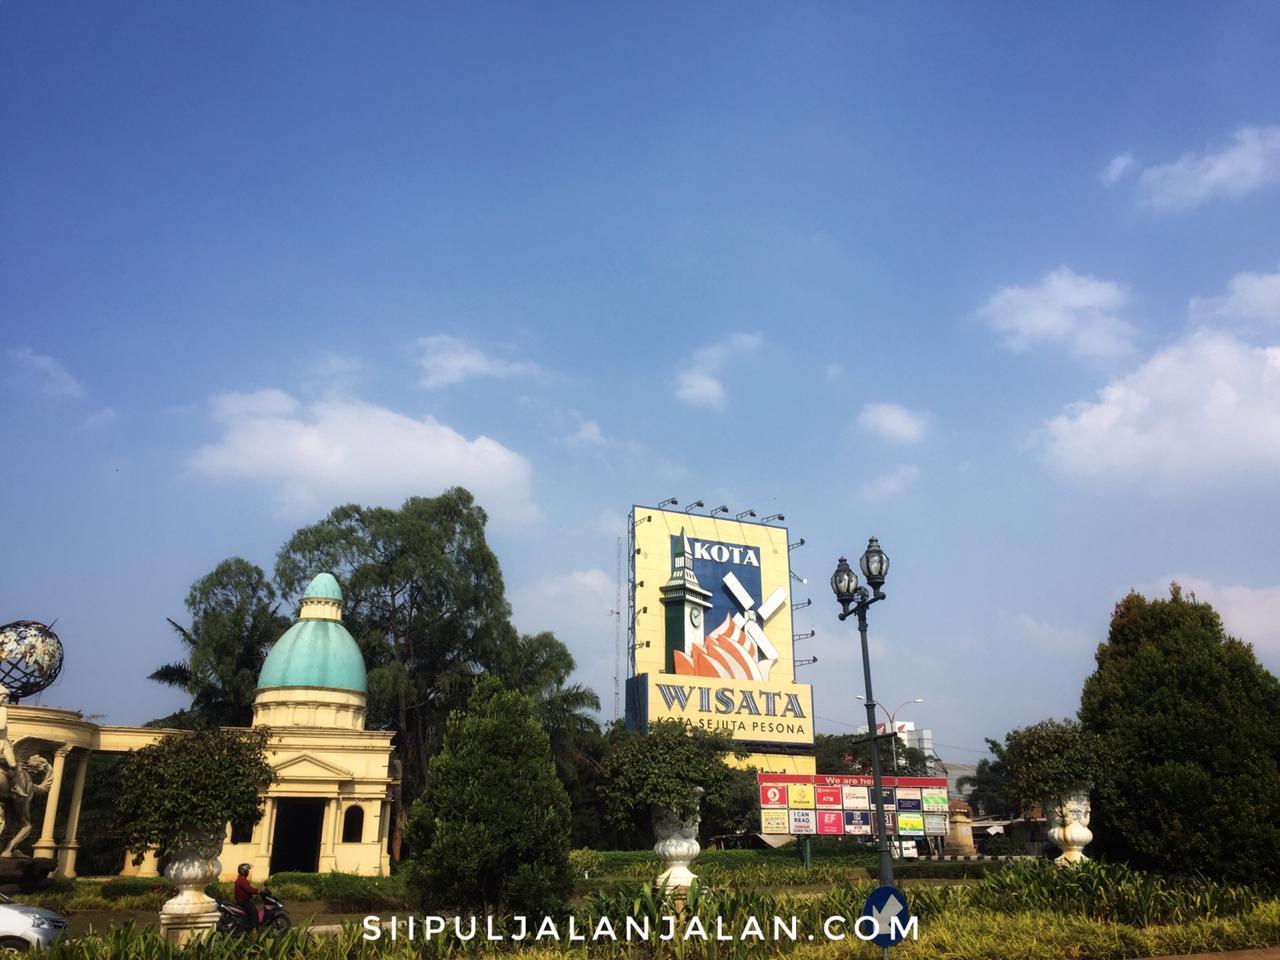 Kota Wisata Cibubur, Kota dengan Sejuta Pesona